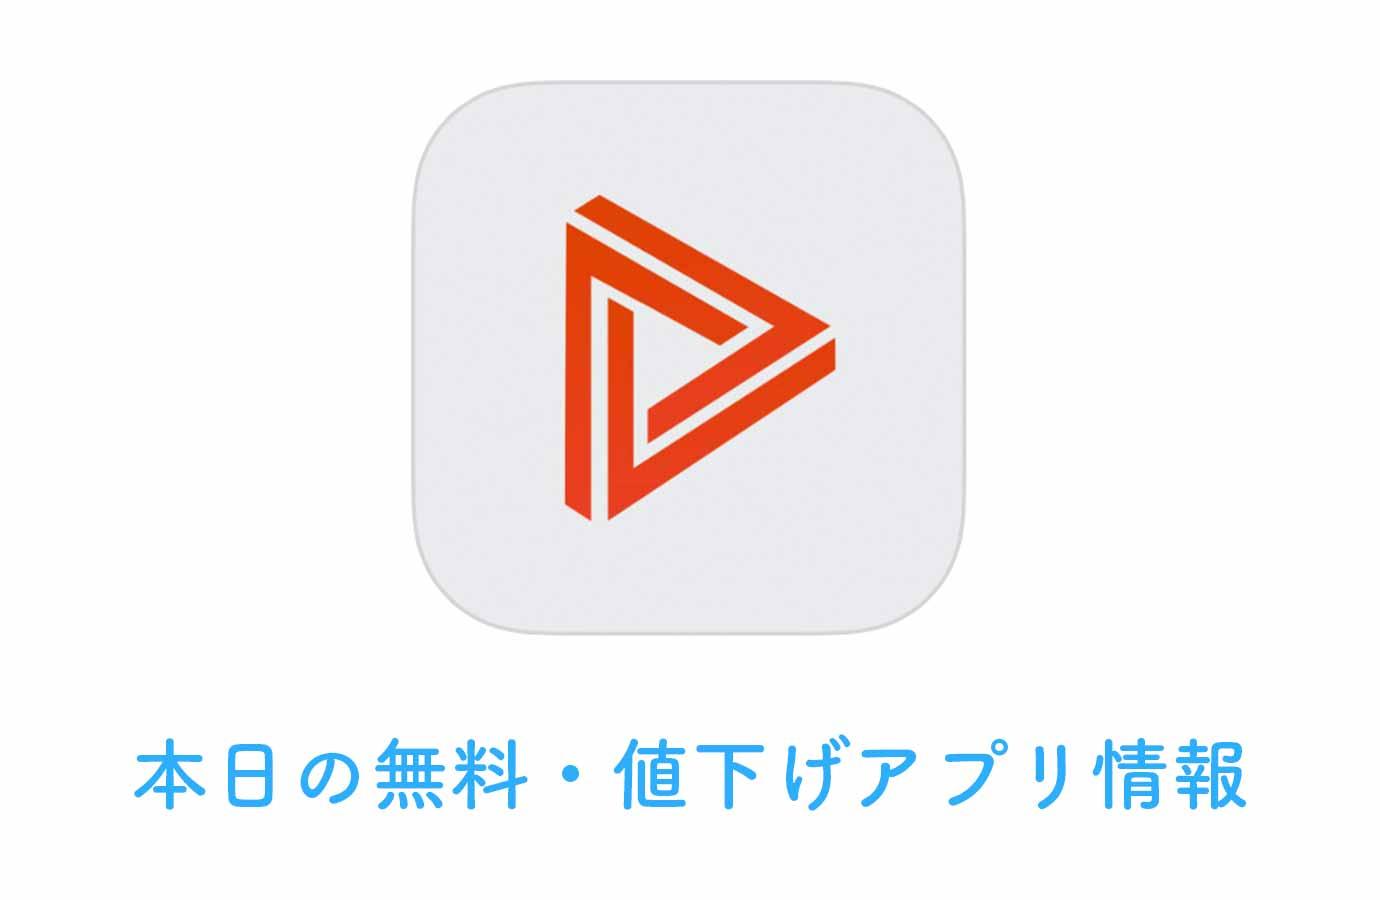 360円→無料、目標達成のための時間ベースタスク管理アプリ「PlayWork」など【6/27】本日の無料・値下げアプリ情報